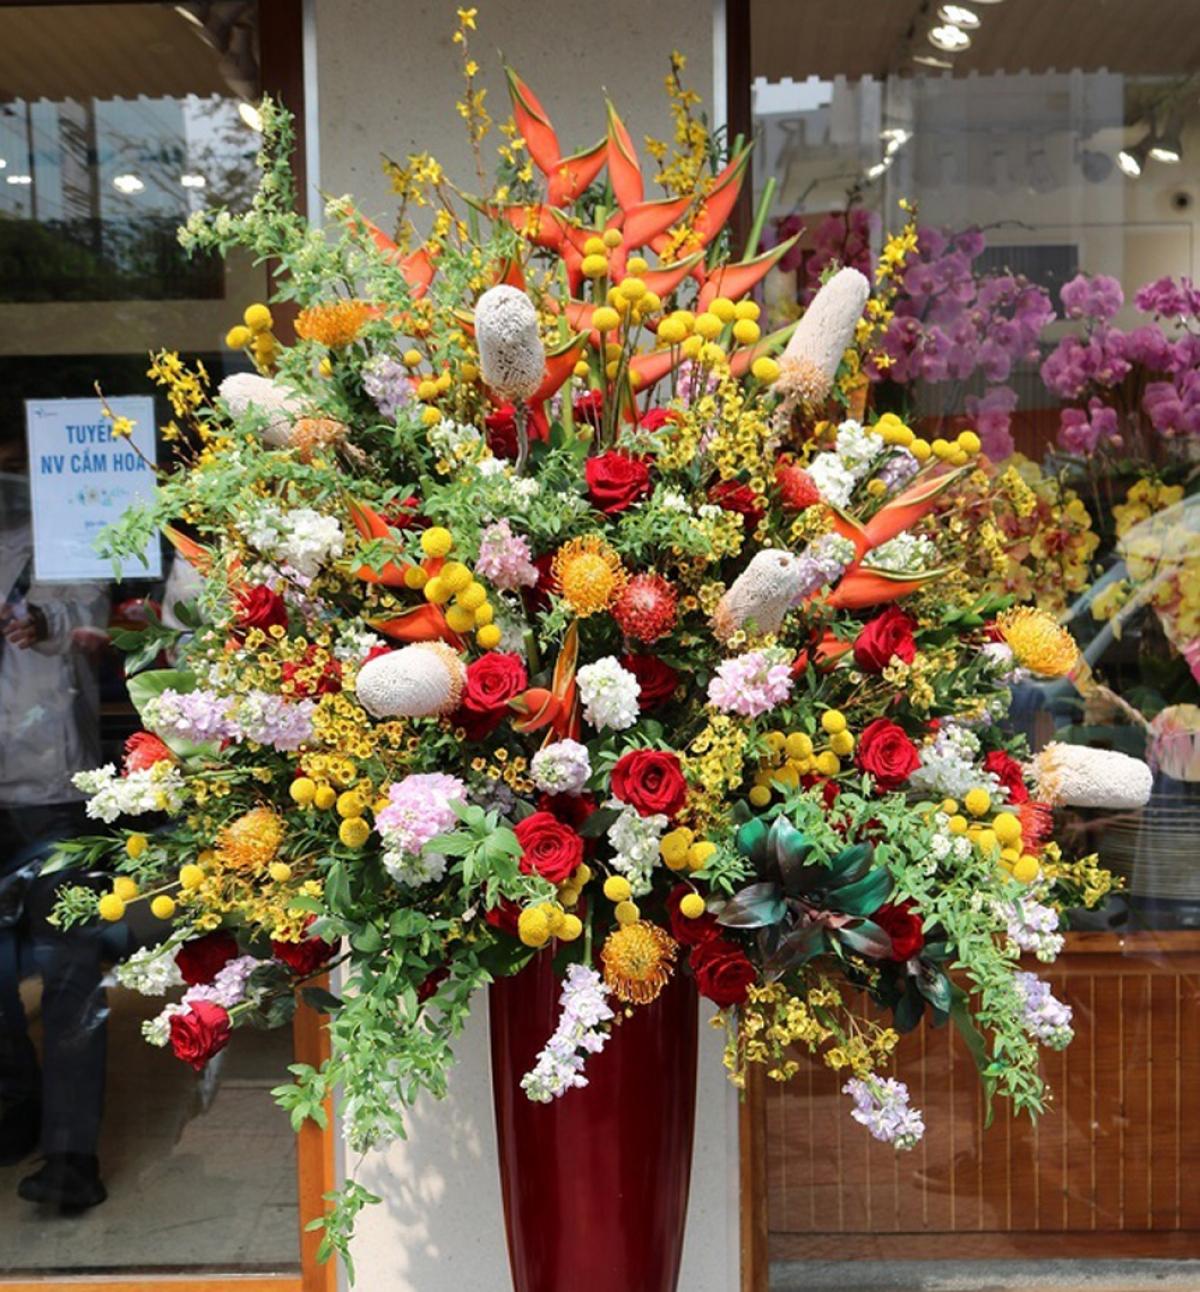 Bình hoa cao 1,6 m với nhiều loại nhập khẩu giá trị cao như hoa phi yến, hoa hồng Ecuador, hoa protea, mai mỹ, banksia... cũng được bán ra với giá 50 triệu đồng. (Ảnh: Zing)